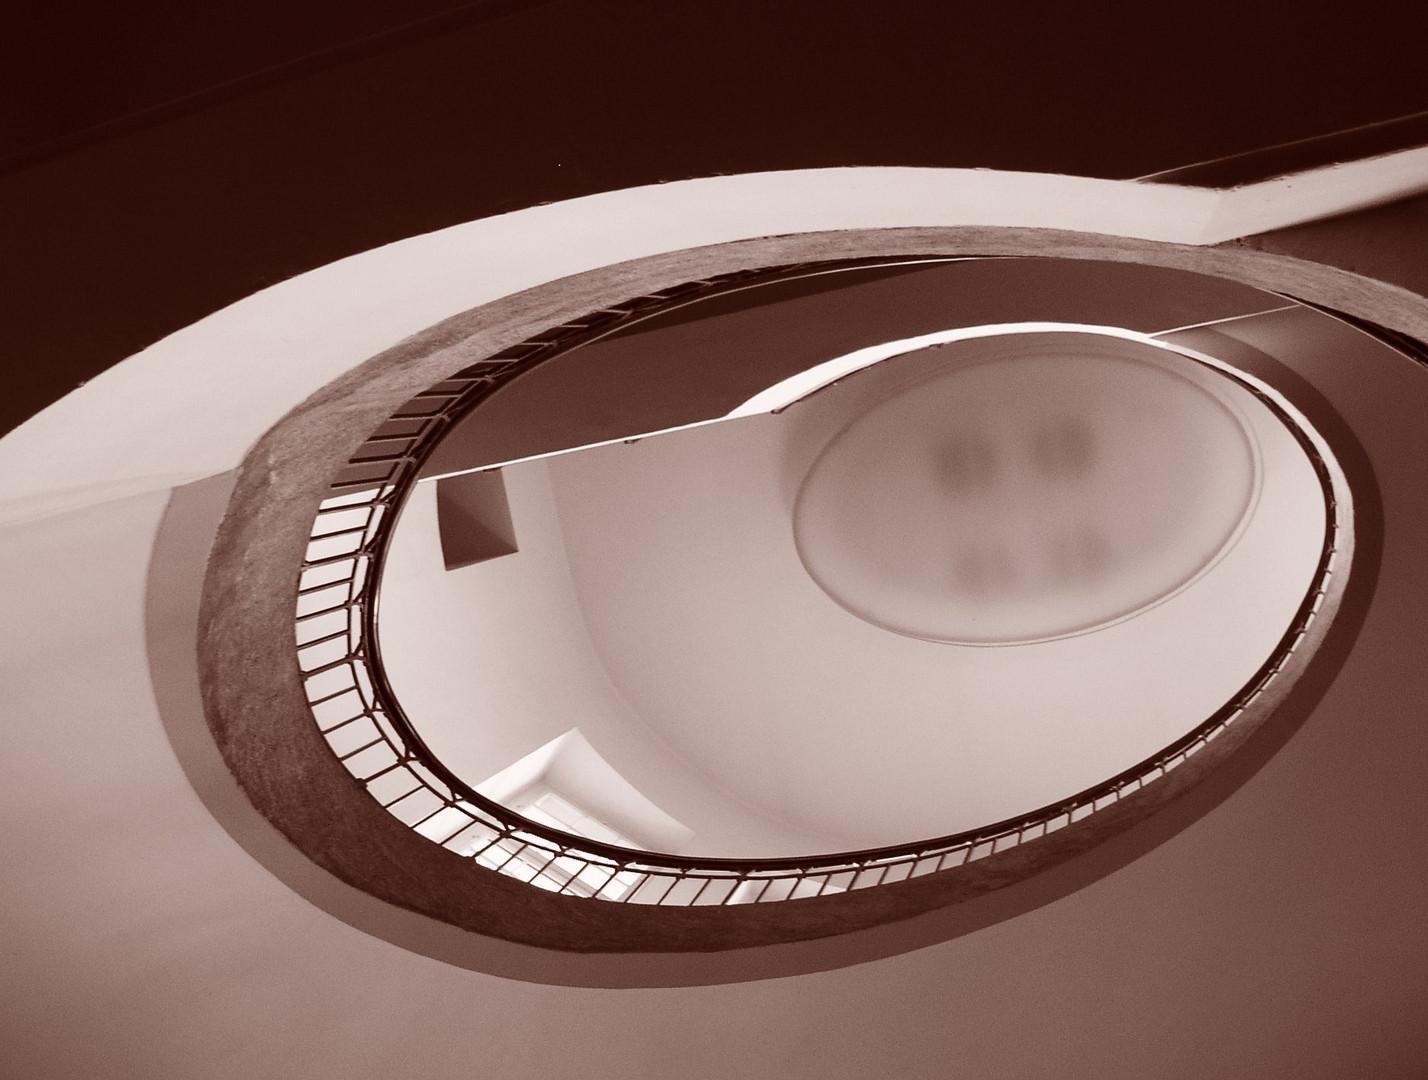 Schnecken-Treppe